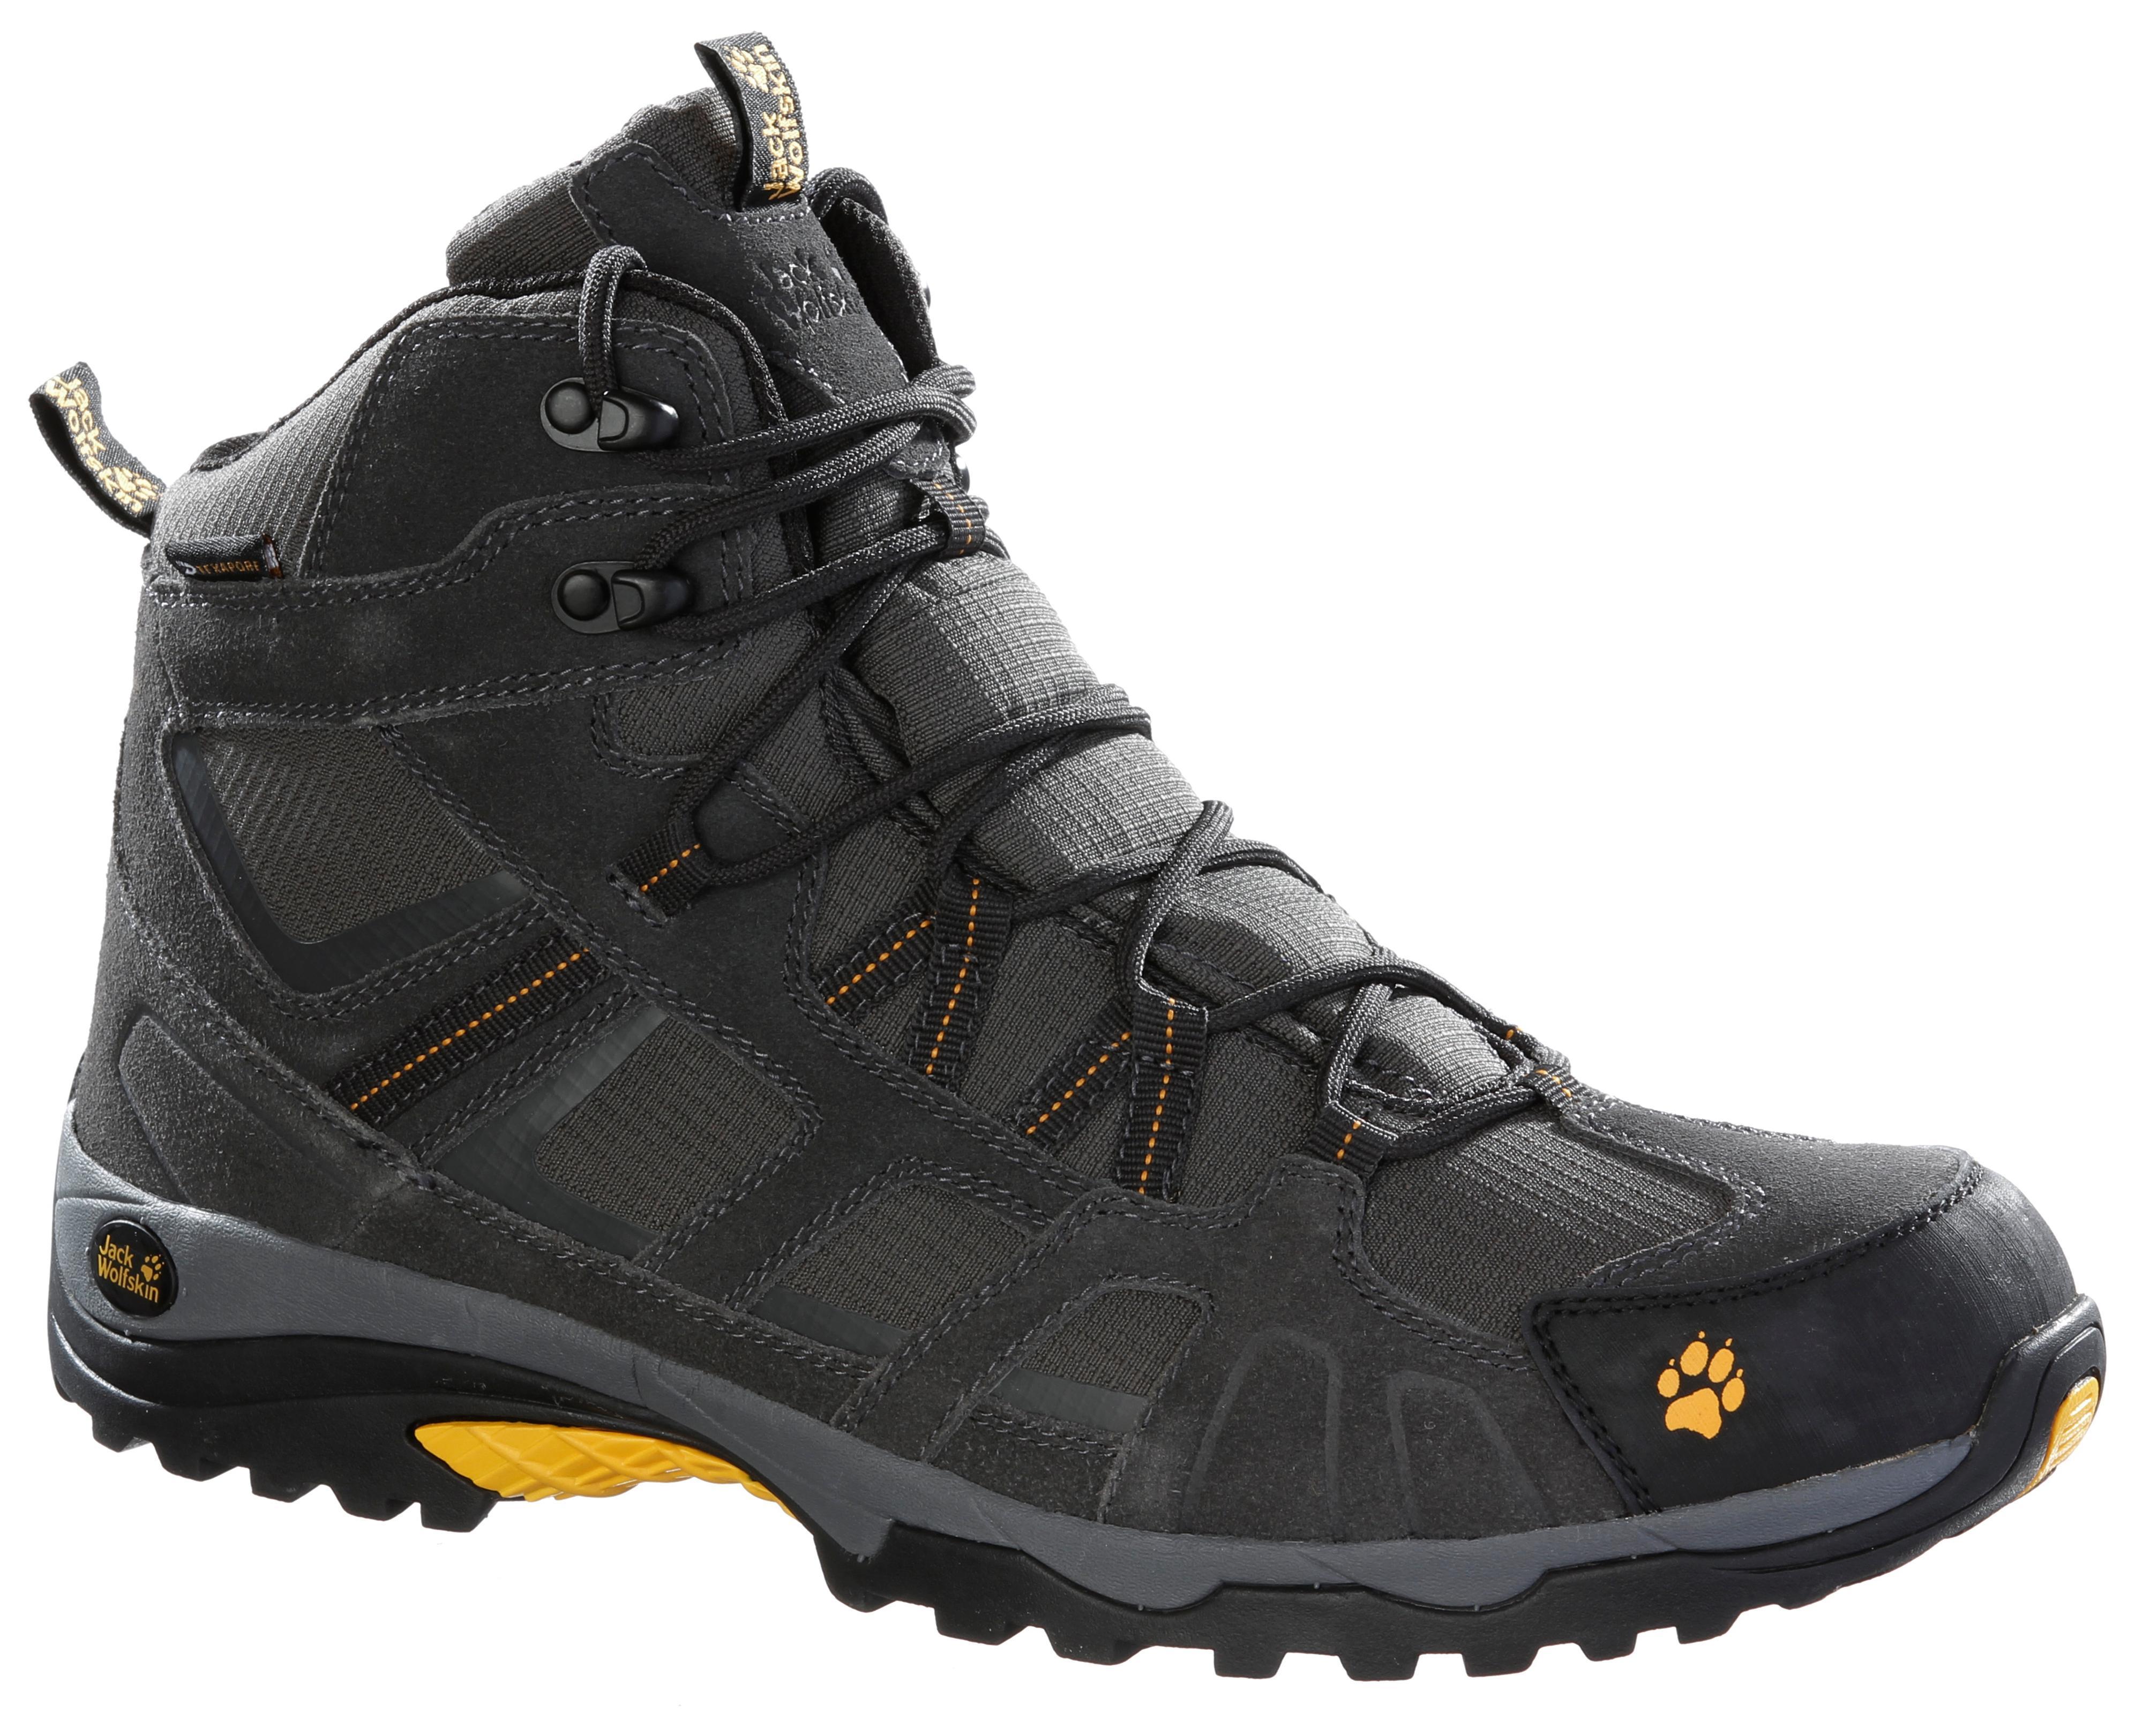 Keen Wanderer Mid Waterproof Braun-Schwarz, Damen Hiking- & Approach-Schuh, Größe EU 38 - Farbe Raven-Bright Chartreuse Damen Hiking- & Approach-Schuh, Raven - Bright Chartreuse, Größe 38 - Braun-Schw